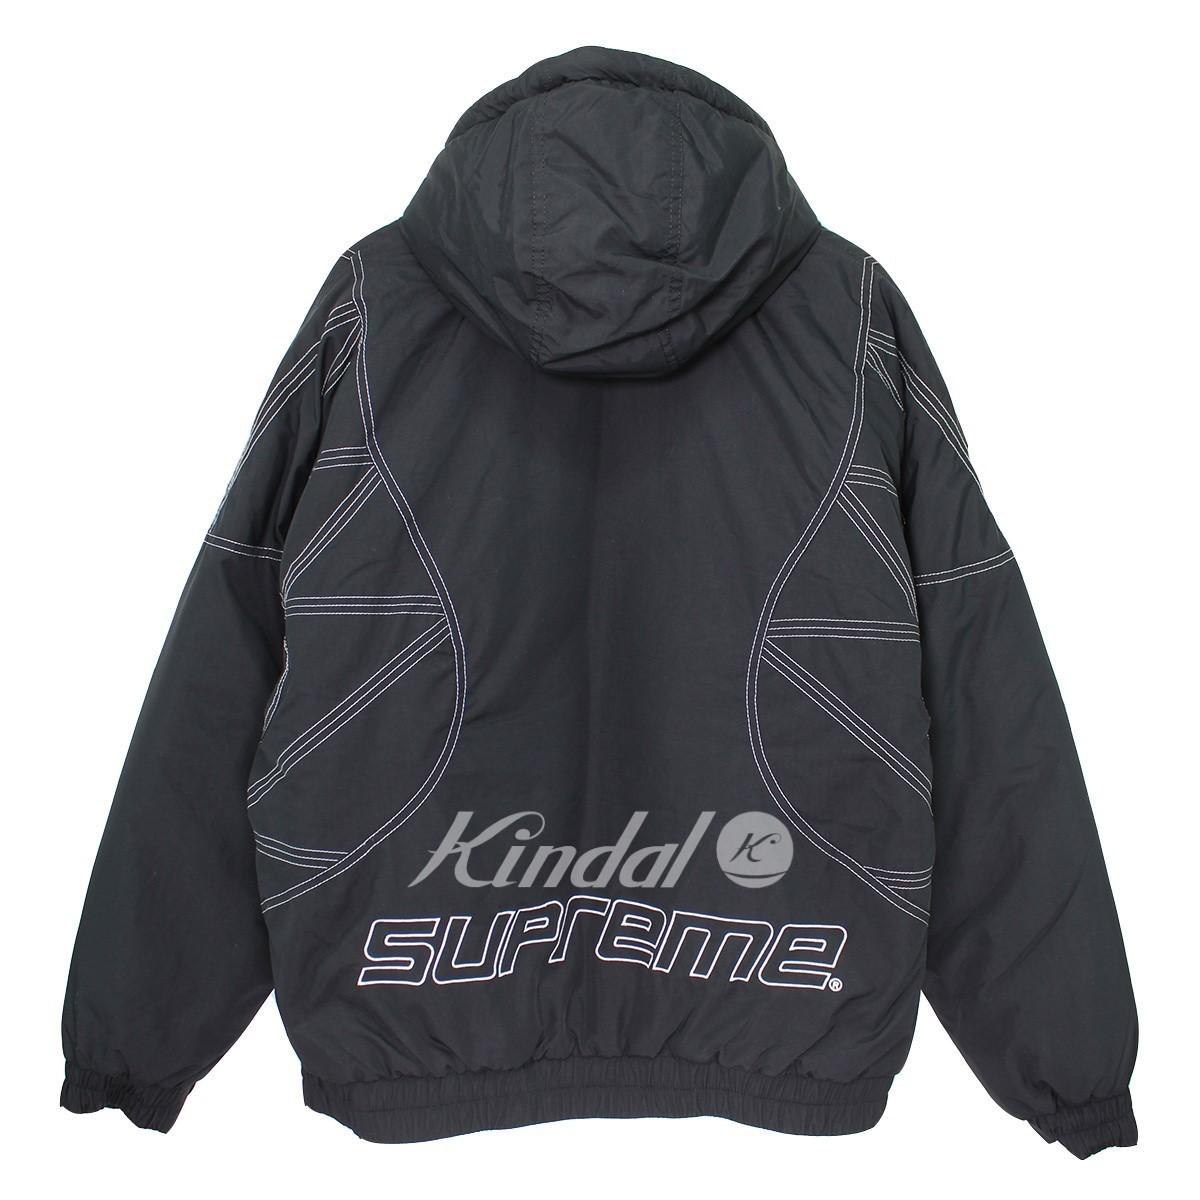 【中古】SUPREME 18AW Zig Zag Stitch Puffy Jacket ジグザグステッチパフィージャケット ブラック サイズ:M 【送料無料】 【171018】(シュプリーム)